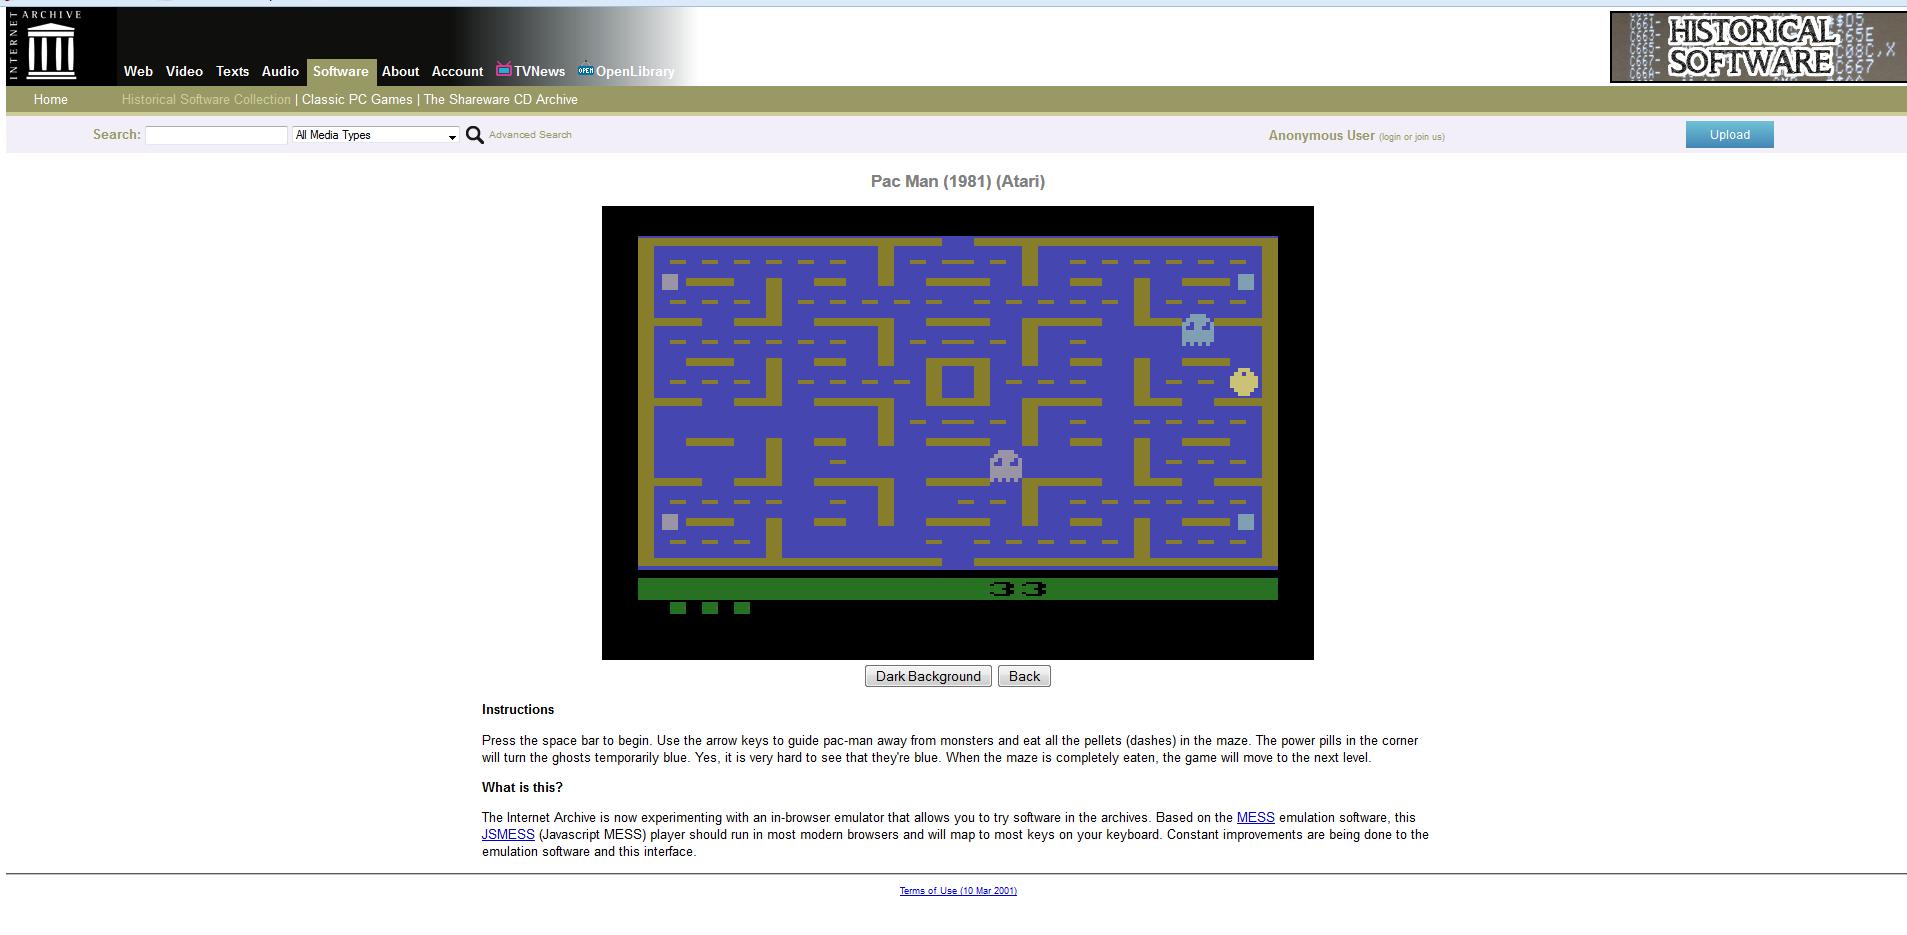 Auch Pac Man von 1981 befindet sich in der Historical Software Collection. (Screenshot: archive.org)